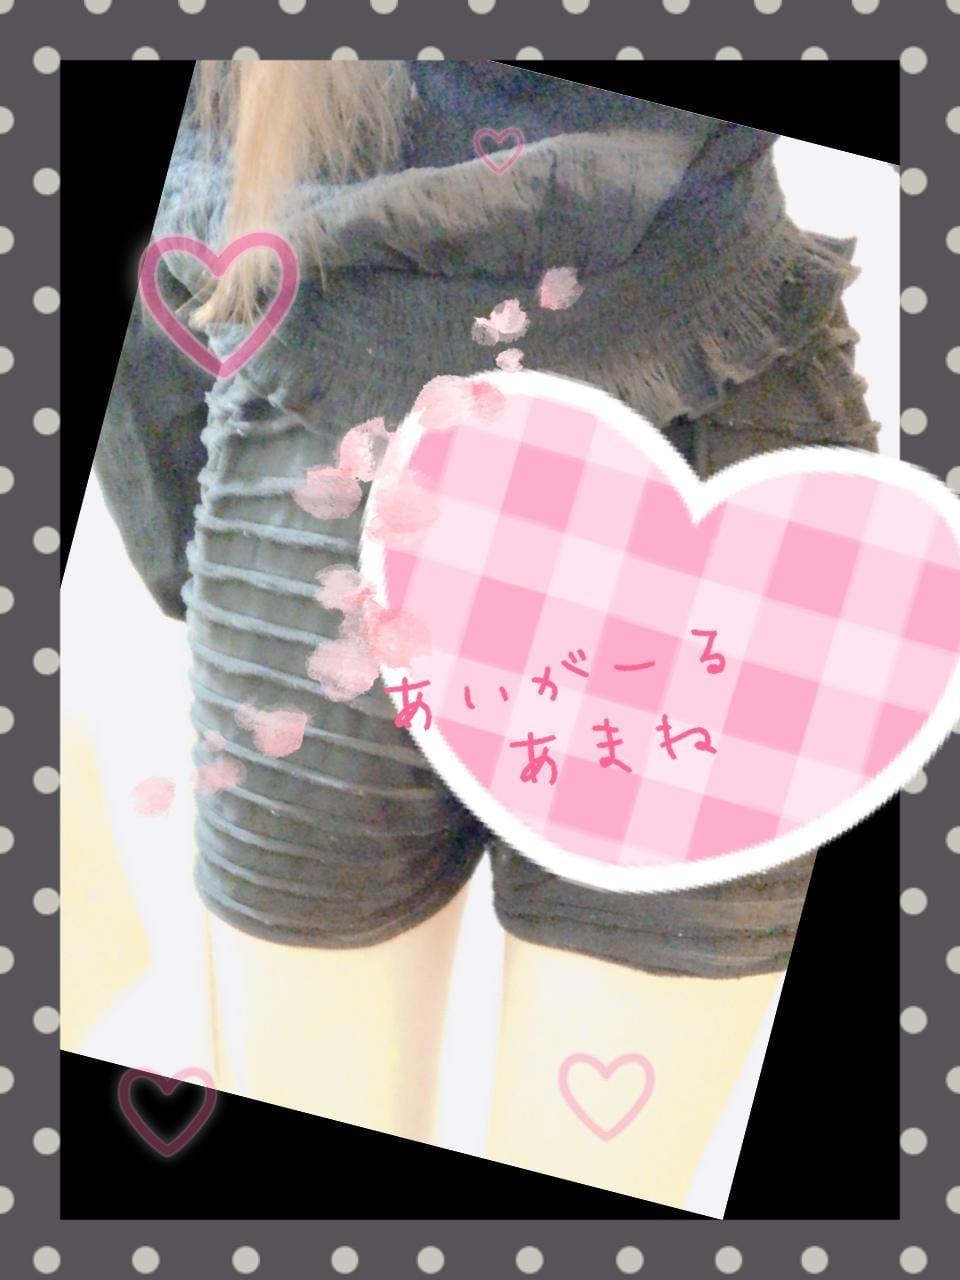 「昨日のお礼です☆」05/19(05/19) 11:30 | あまねの写メ・風俗動画